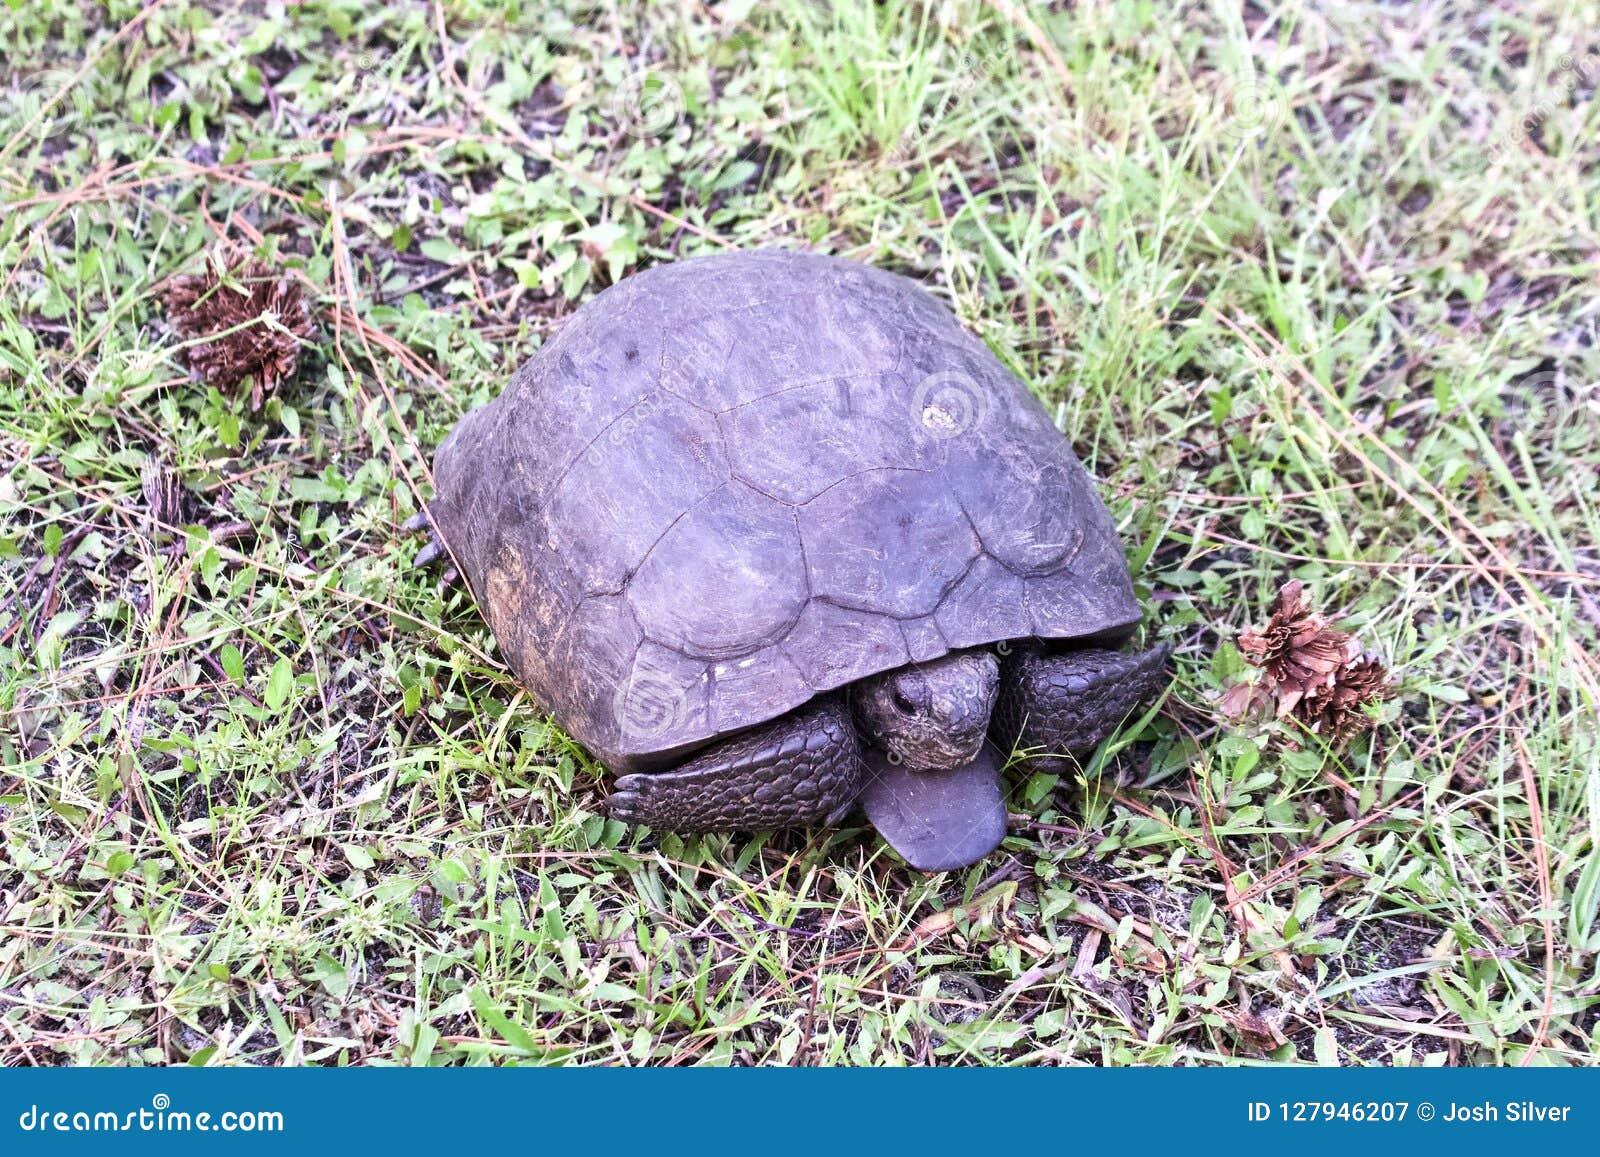 Una tortuga de Gopher en una posición defensiva en la hierba